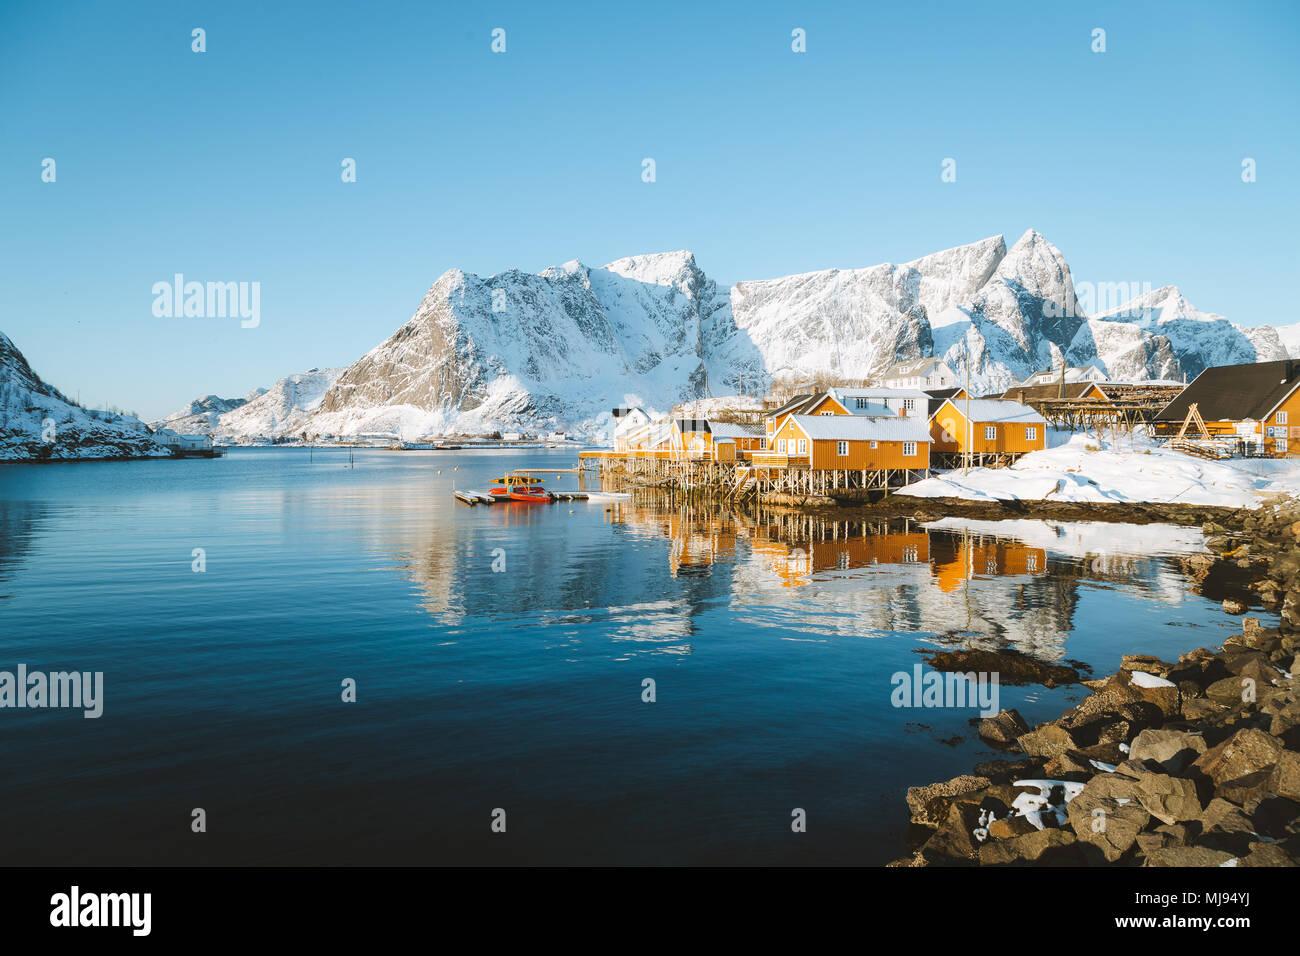 Beaux paysages d'hiver dans l'archipel des îles Lofoten avec pêcheur traditionnel jaune Rorbuer cabines dans le village historique de Sakrisoy, Norvège Photo Stock